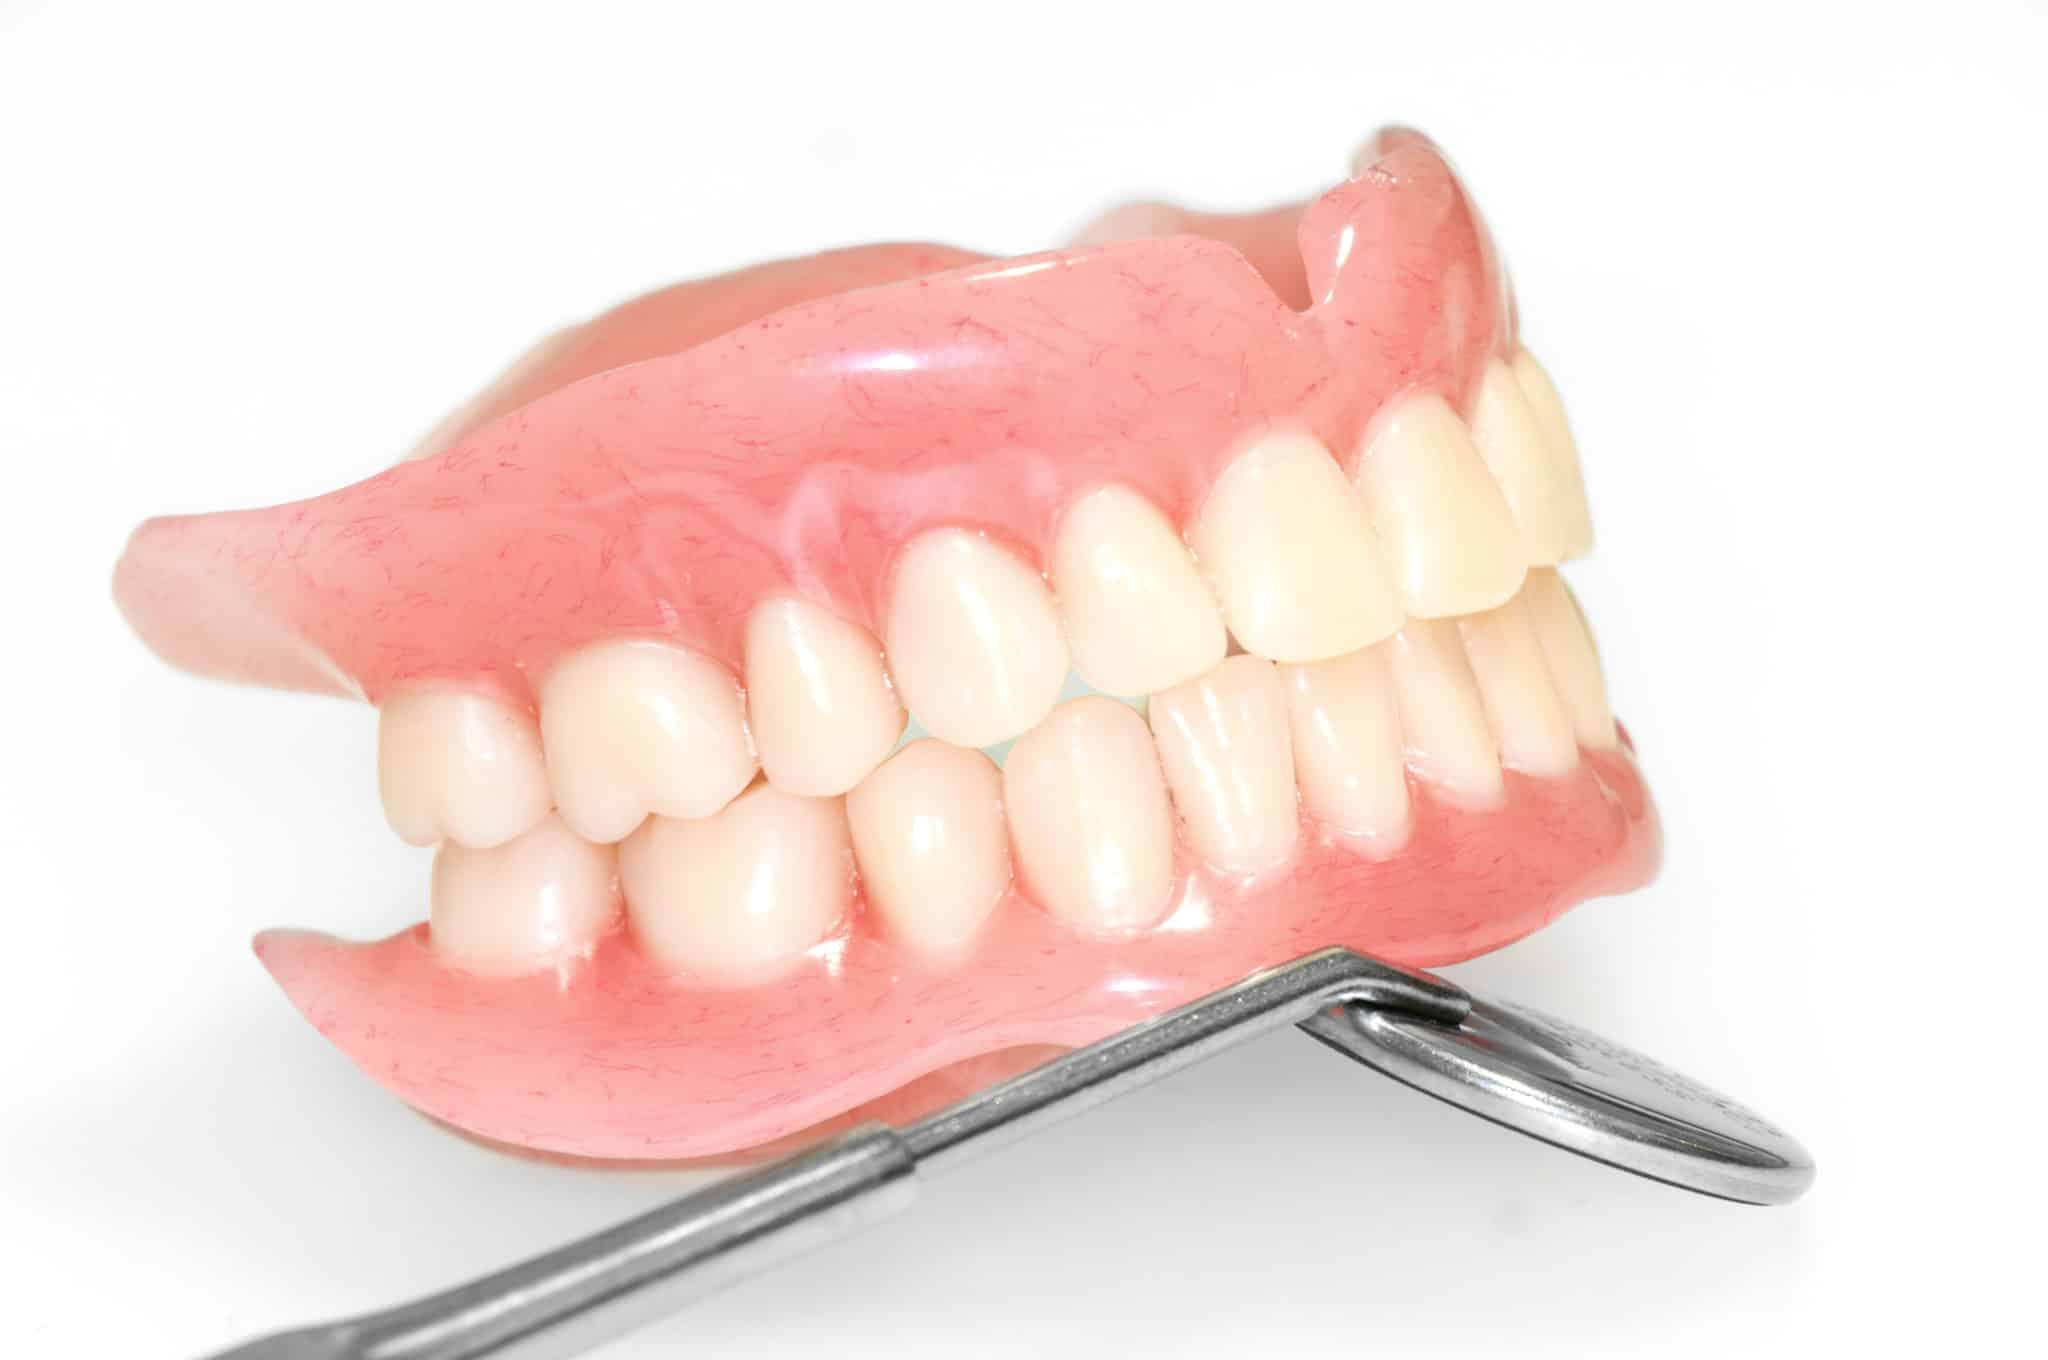 Полный съемный протез: цена протезирования при полном отсутствии зубов в москве